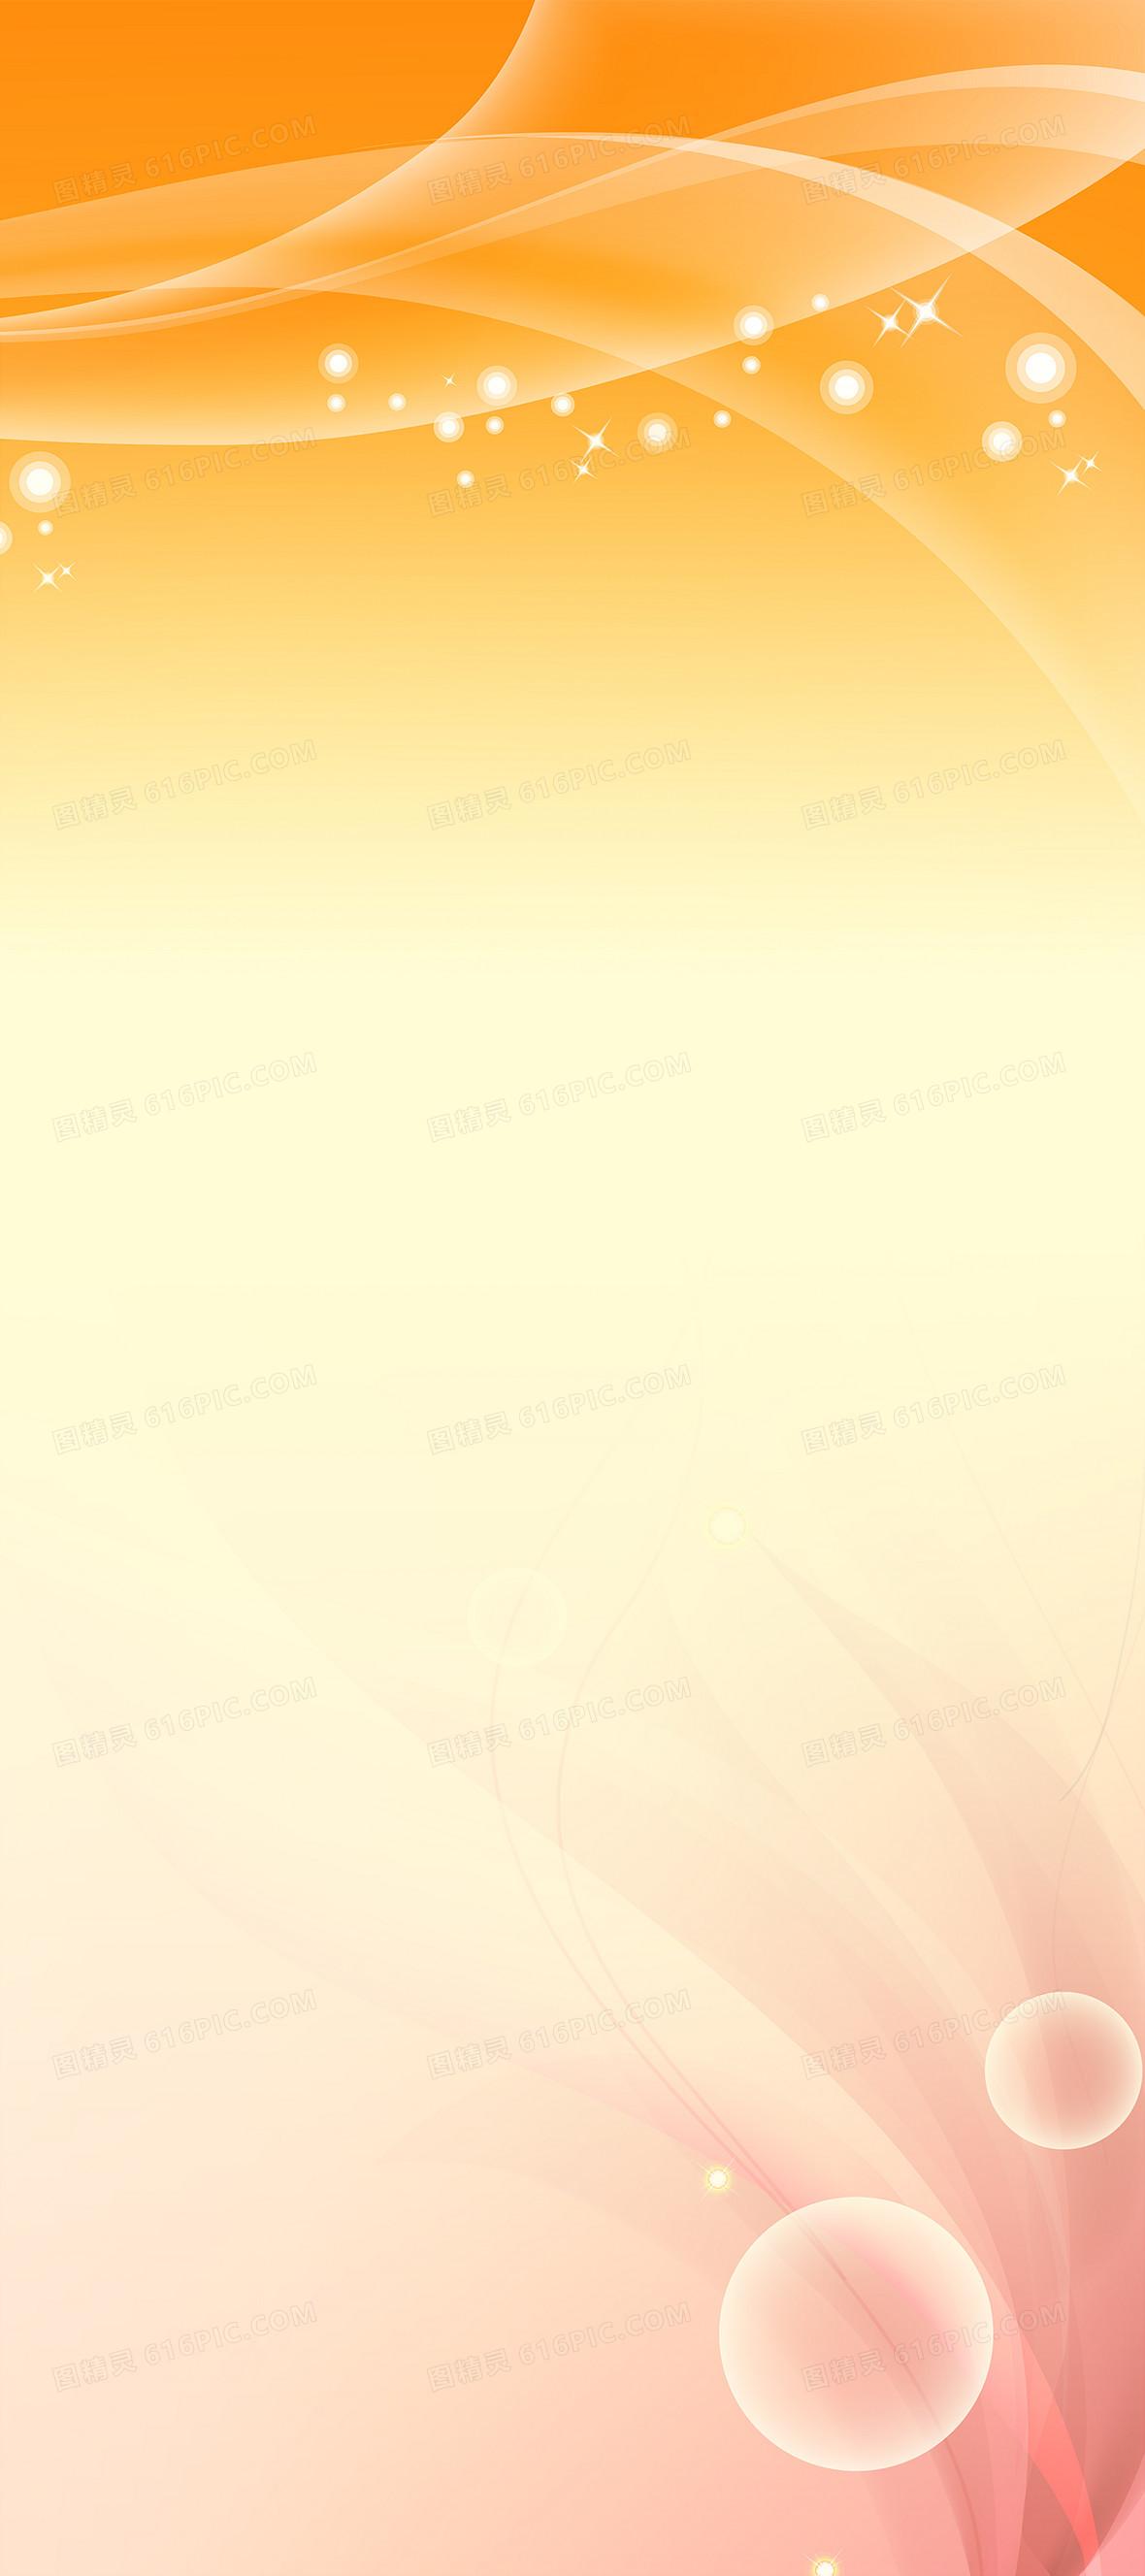 唯美简约金色易拉宝展架背景素材